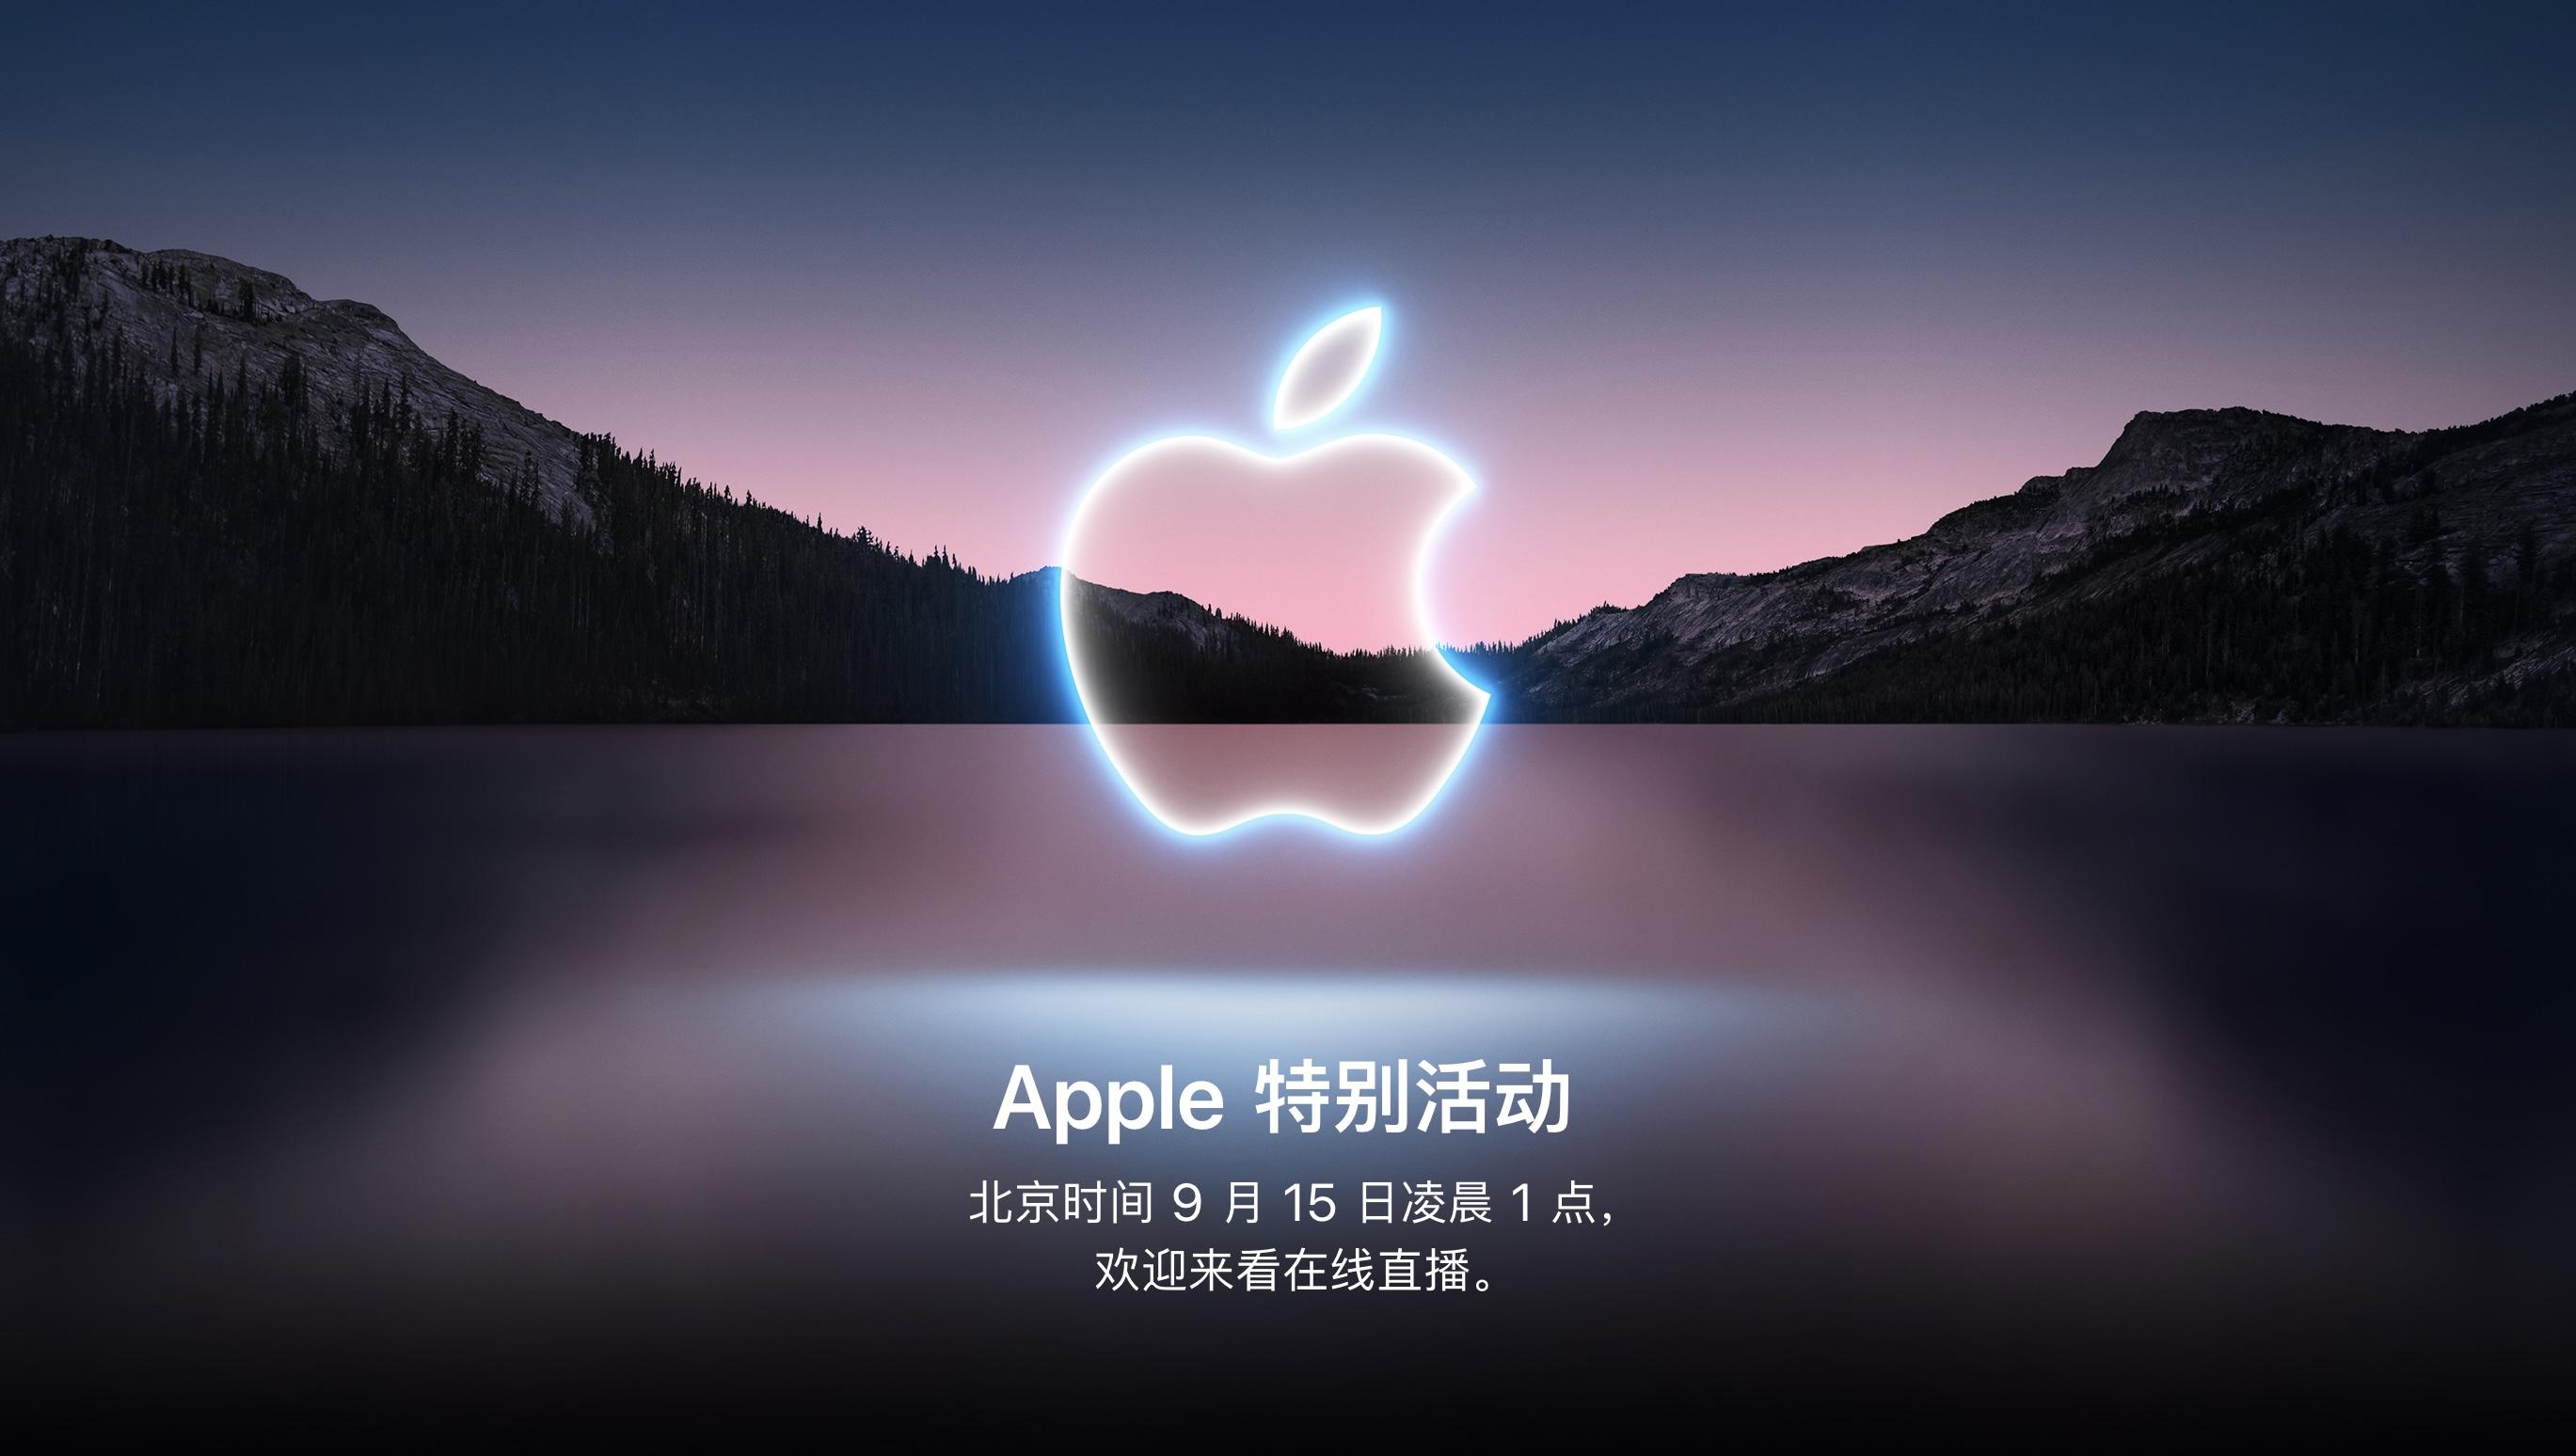 彭博社分享 iPhone 13 和 Apple Watch 7 最新预测